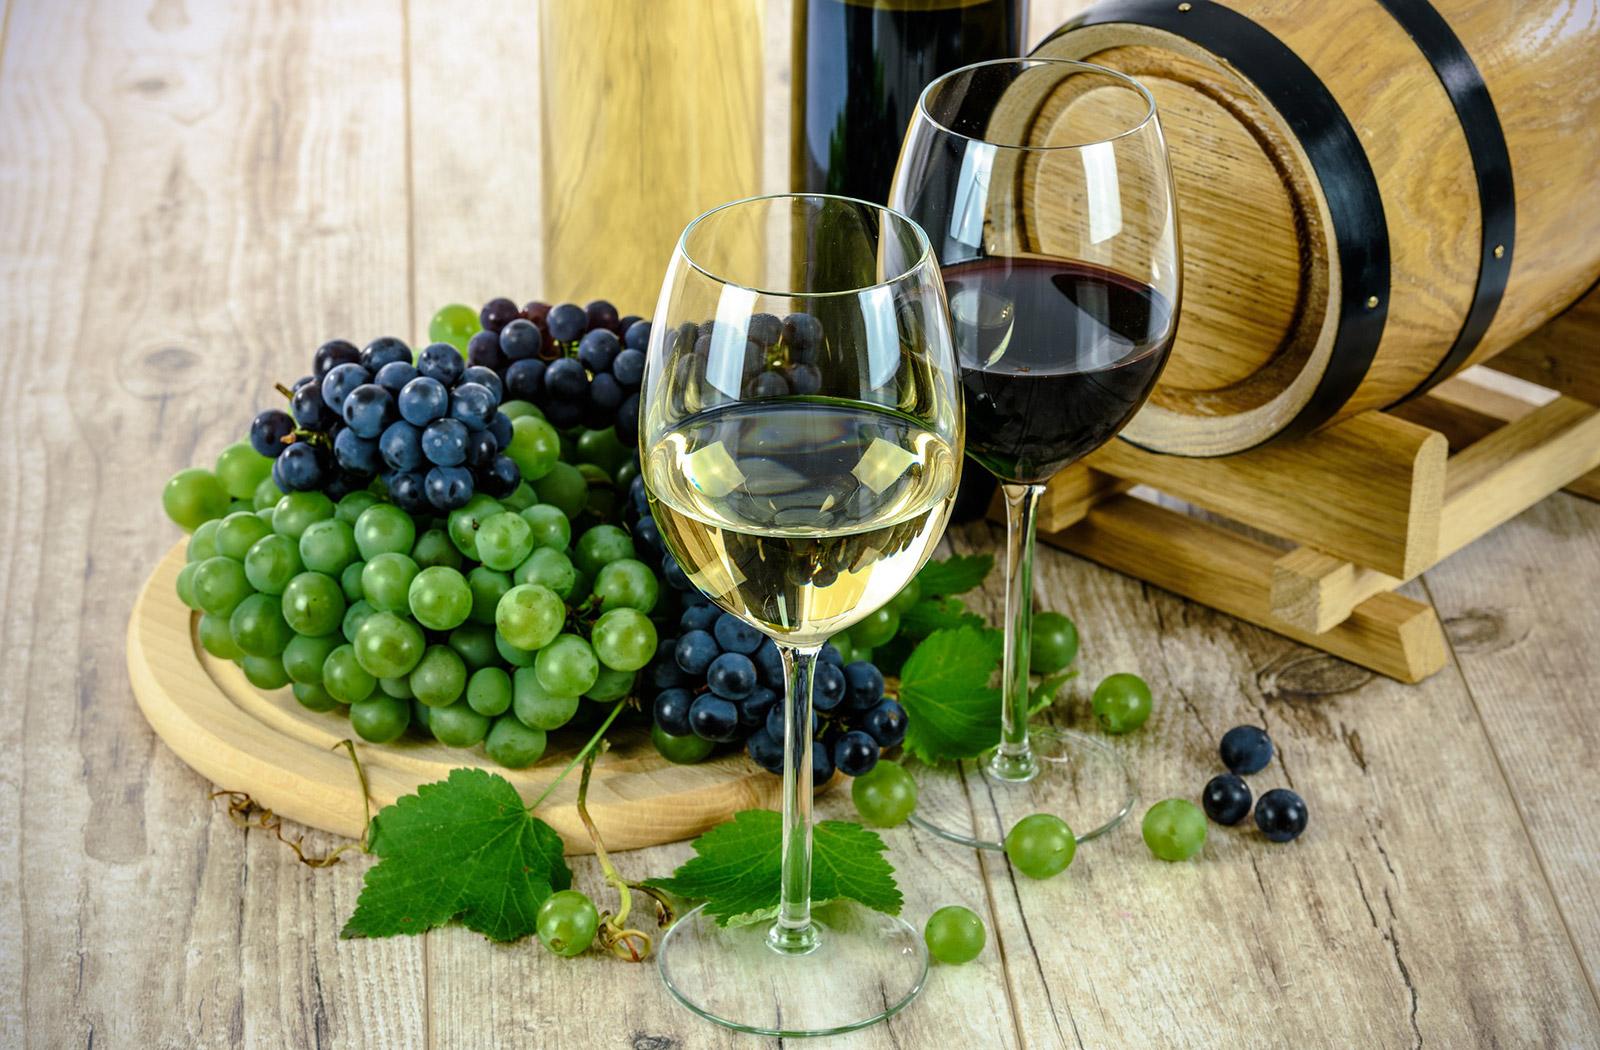 Belo in rdeče vino